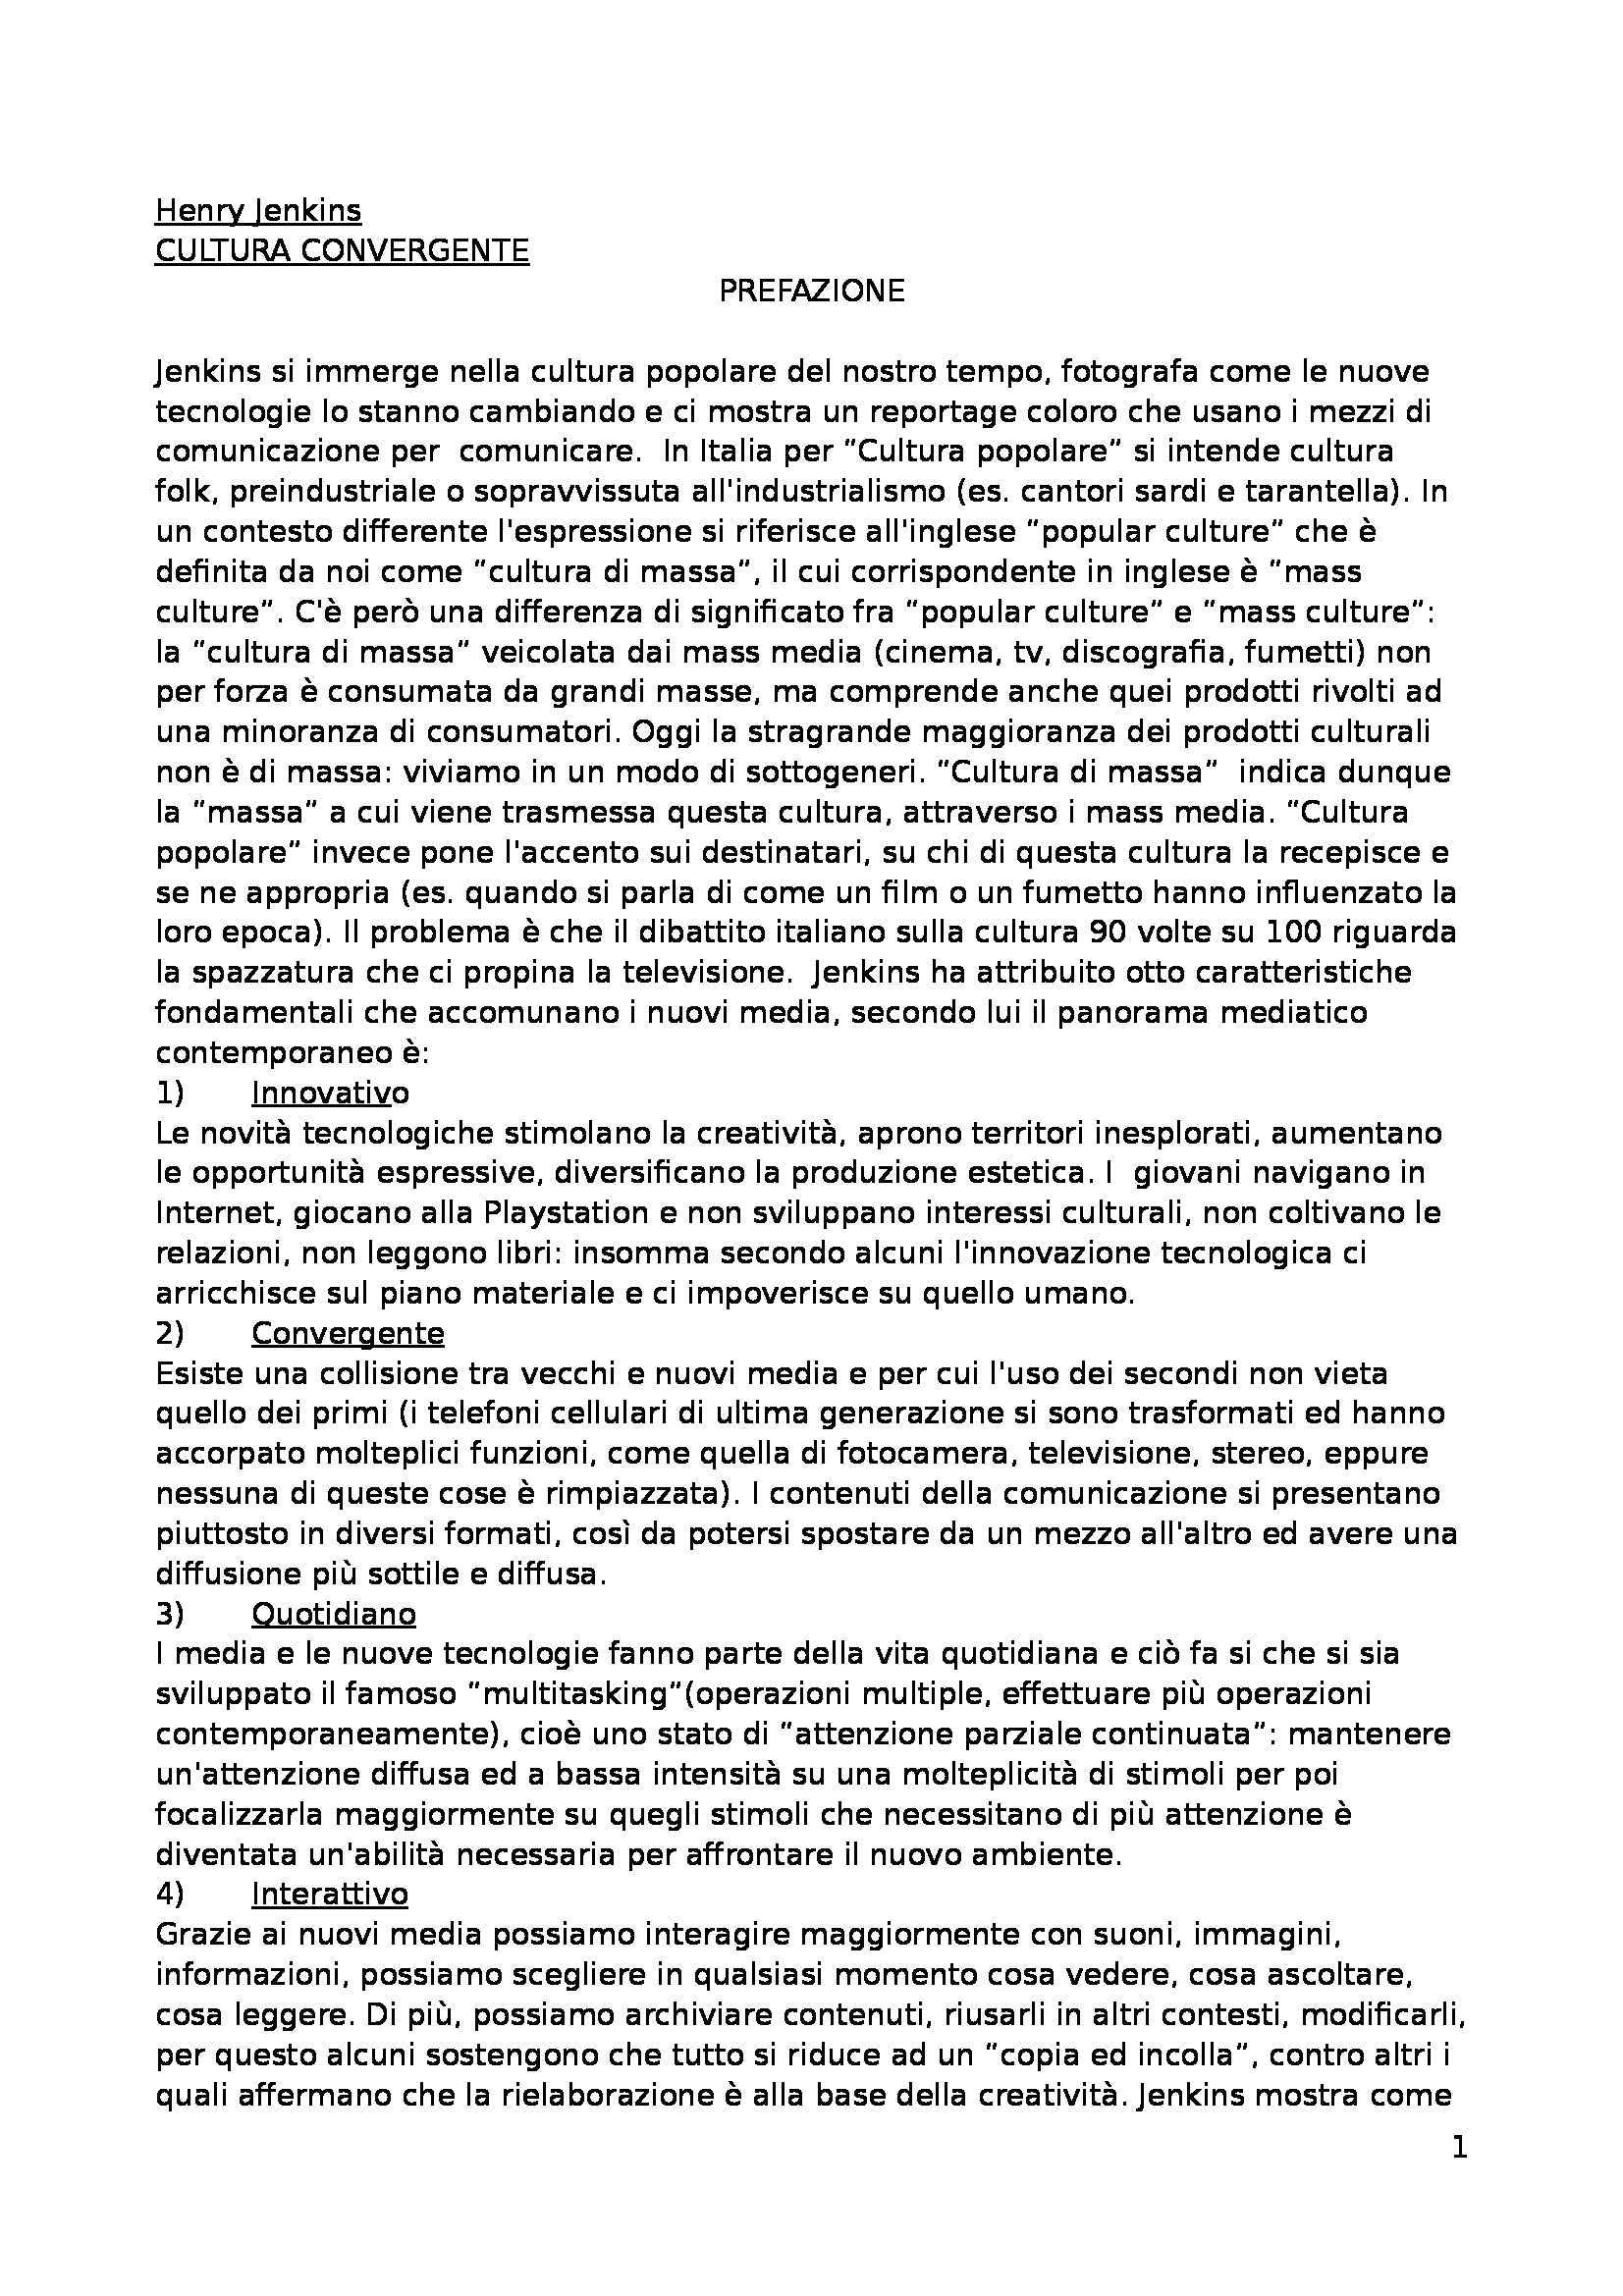 Riassunto esame Comunicazione di massa, prof. Bellavita, libro consigliato Cultura convergente, Jenkins cap 1-2-3 e postilla